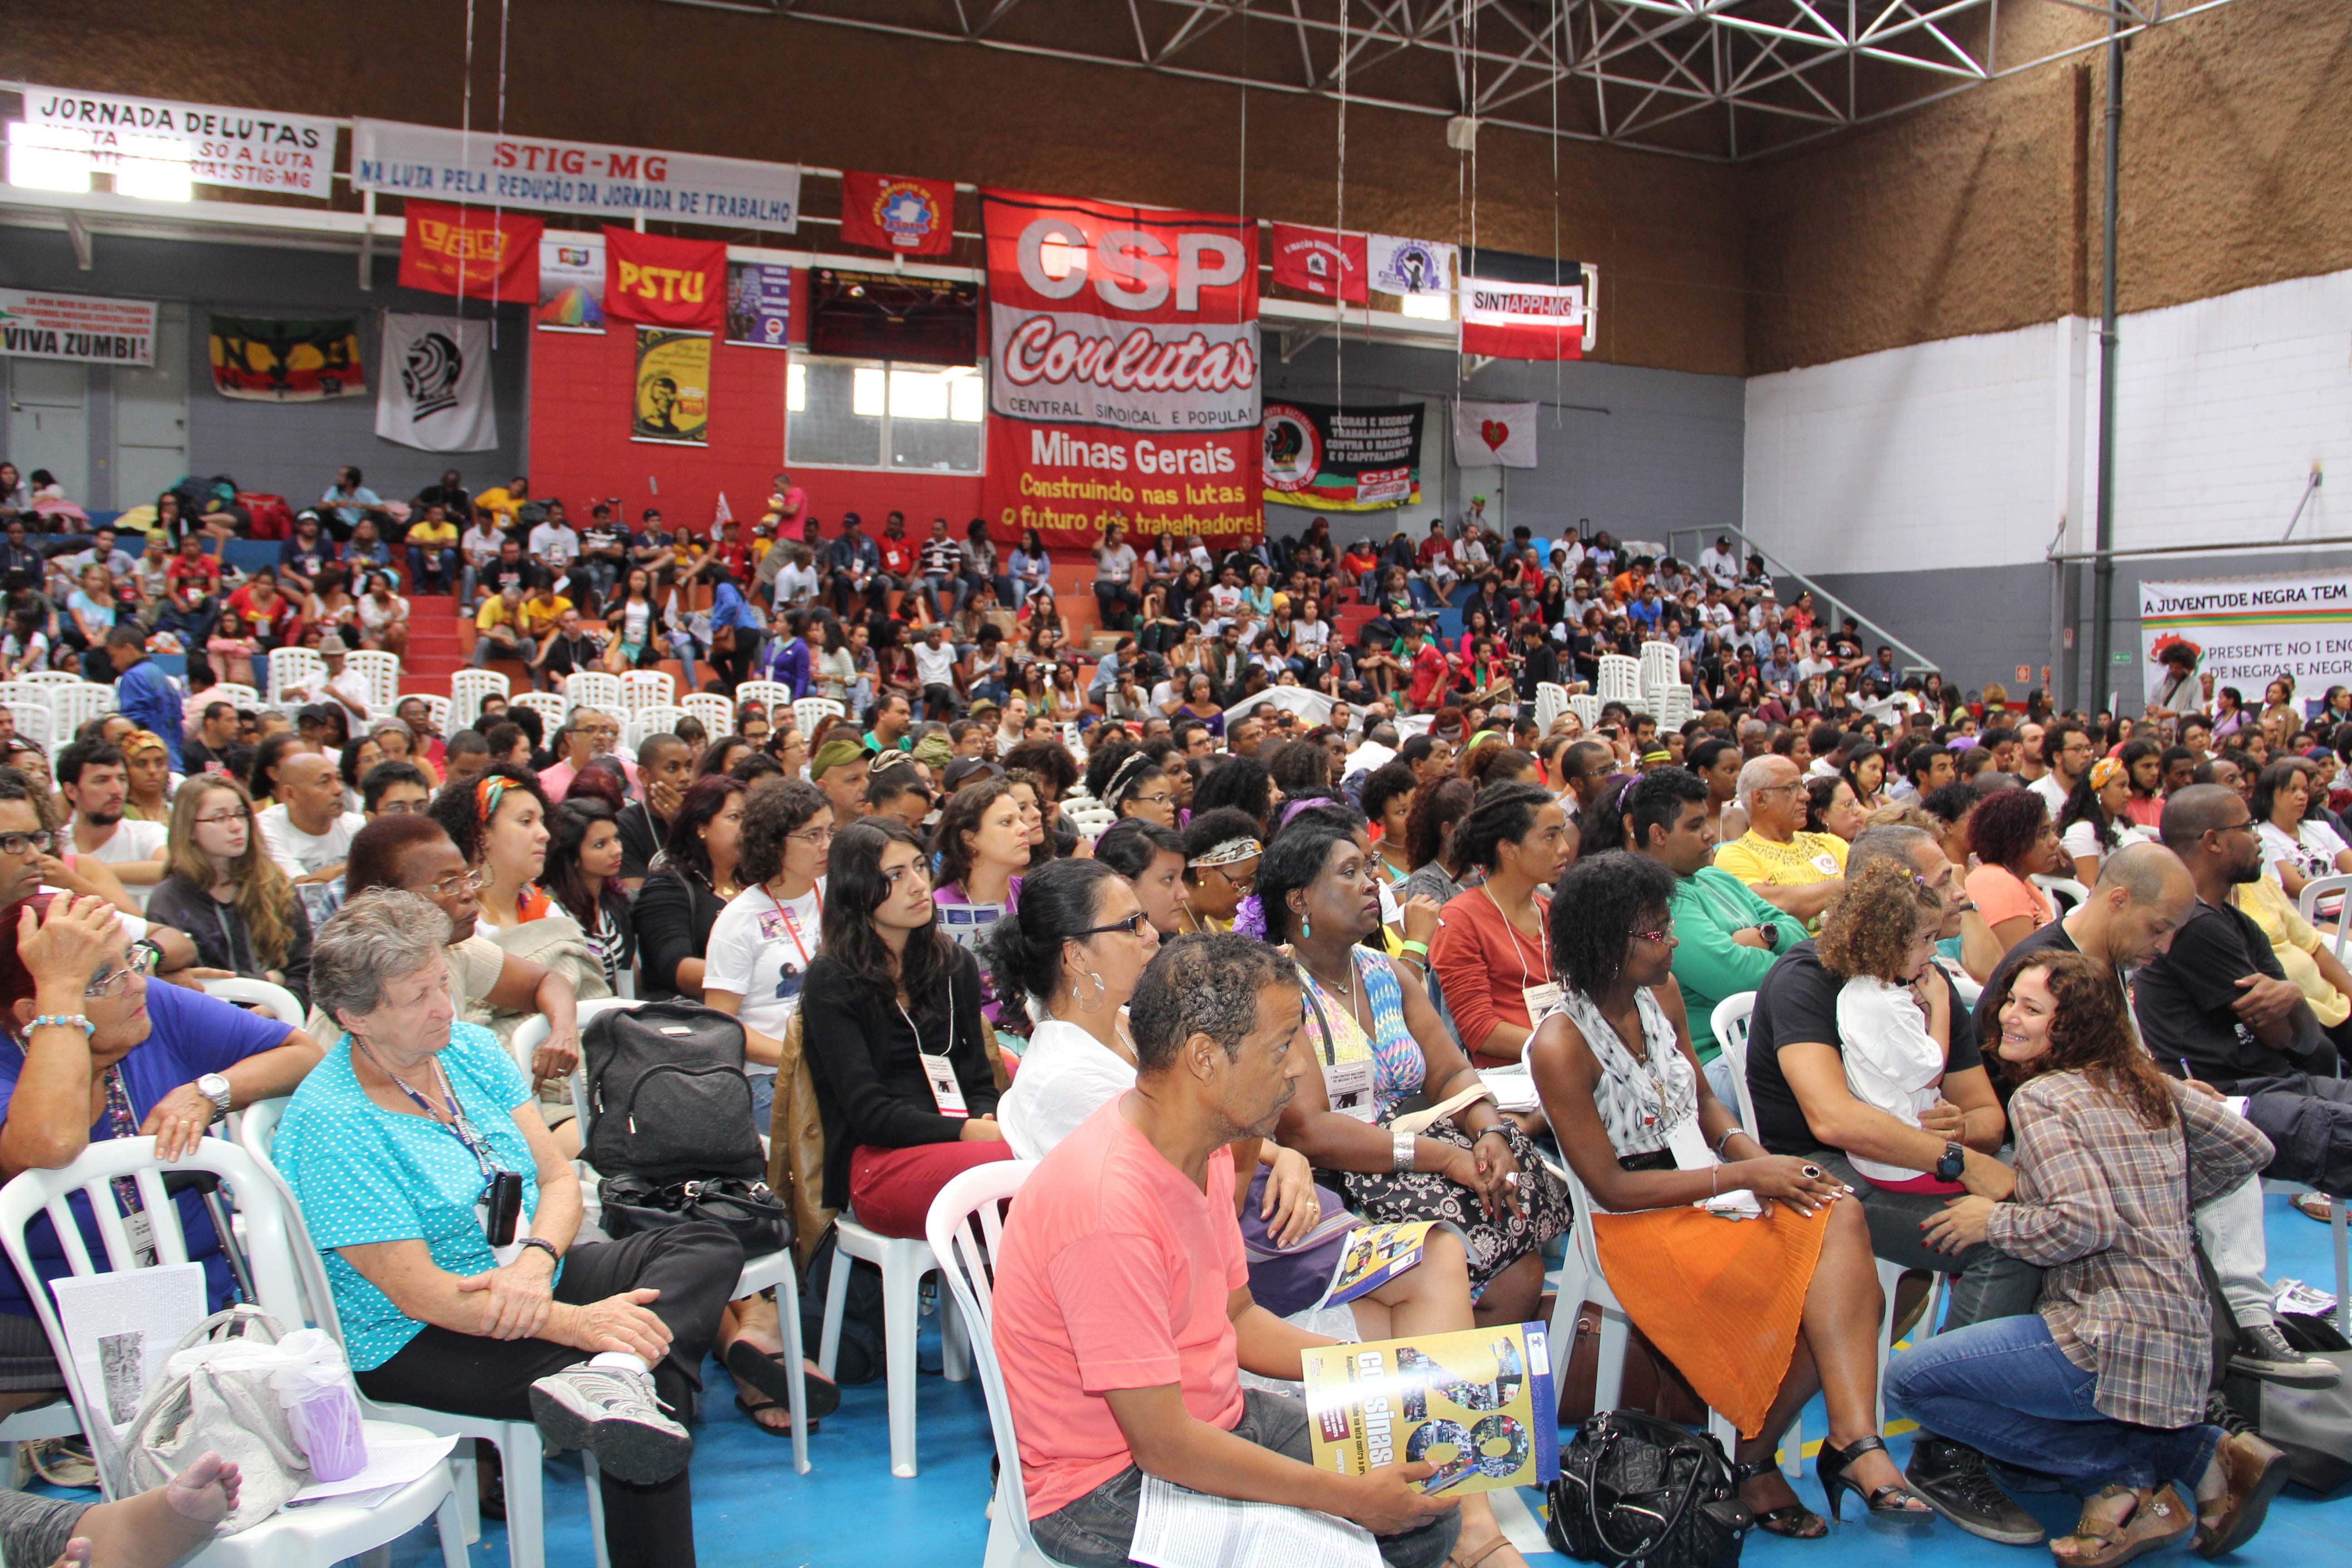 Plenário do 1° encontro nacional de negras e negros photo